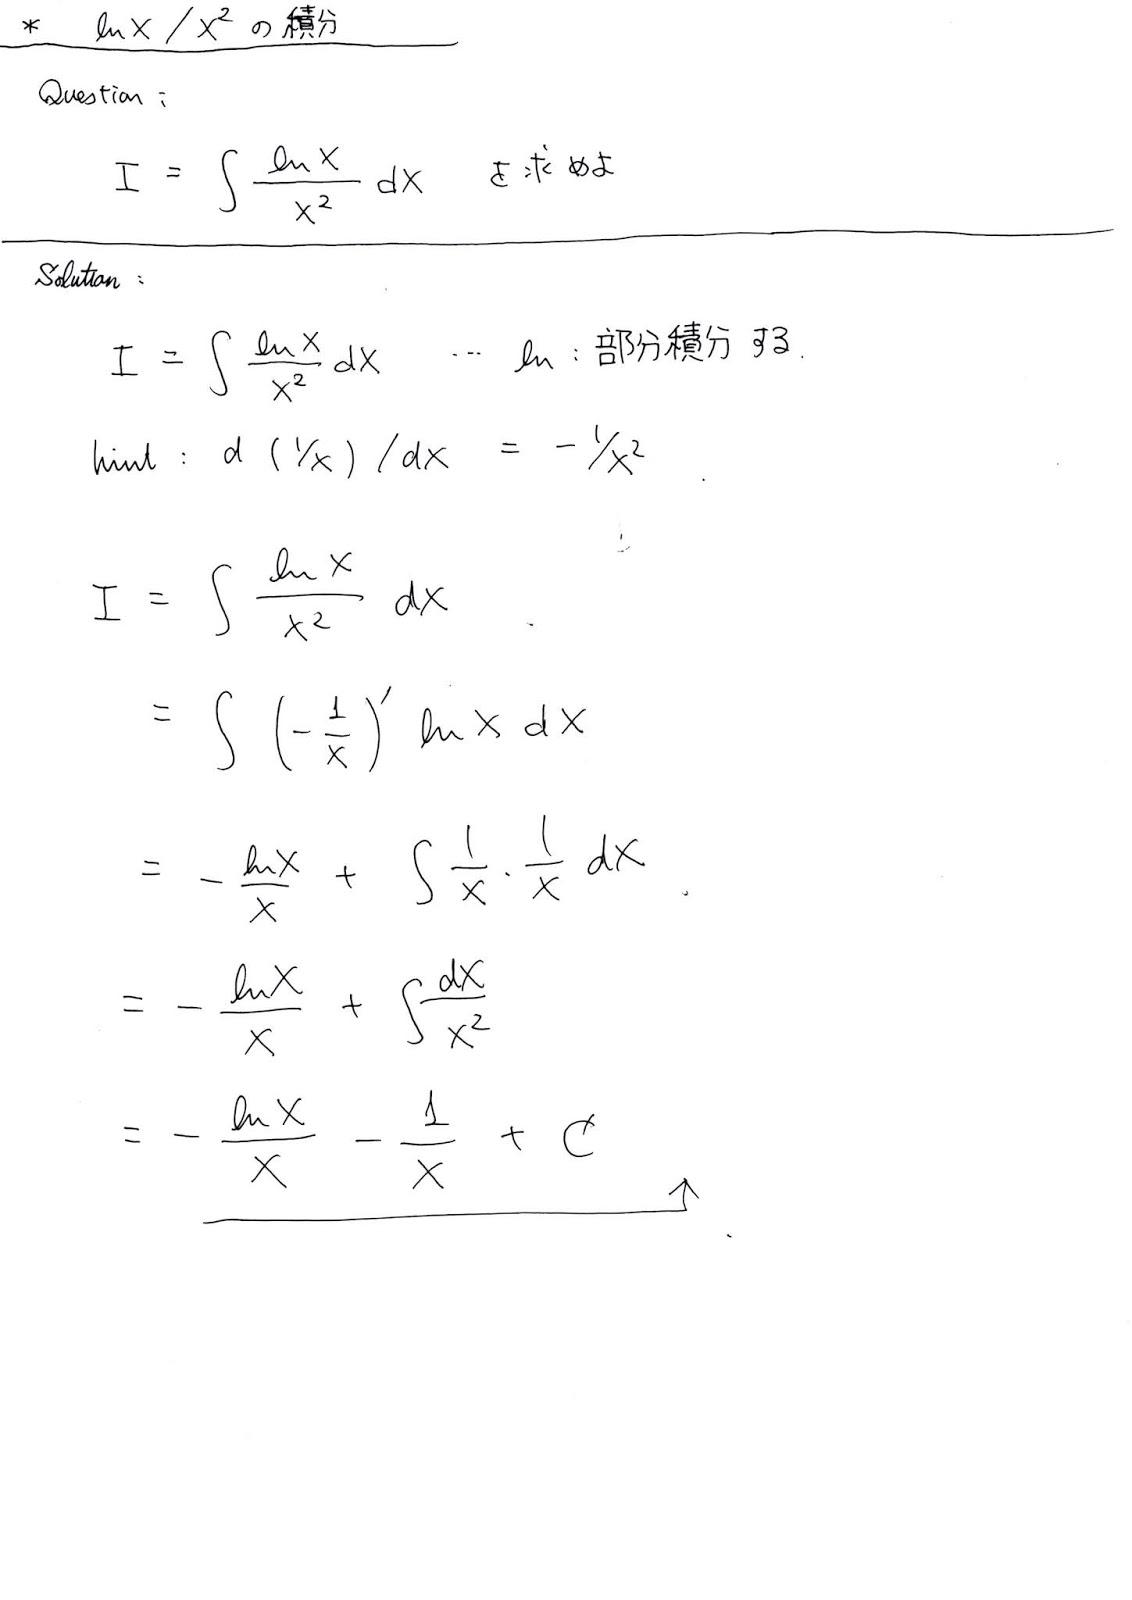 電気磁気工學を學ぶ: 【積分】ln(x) / x² の不定積分